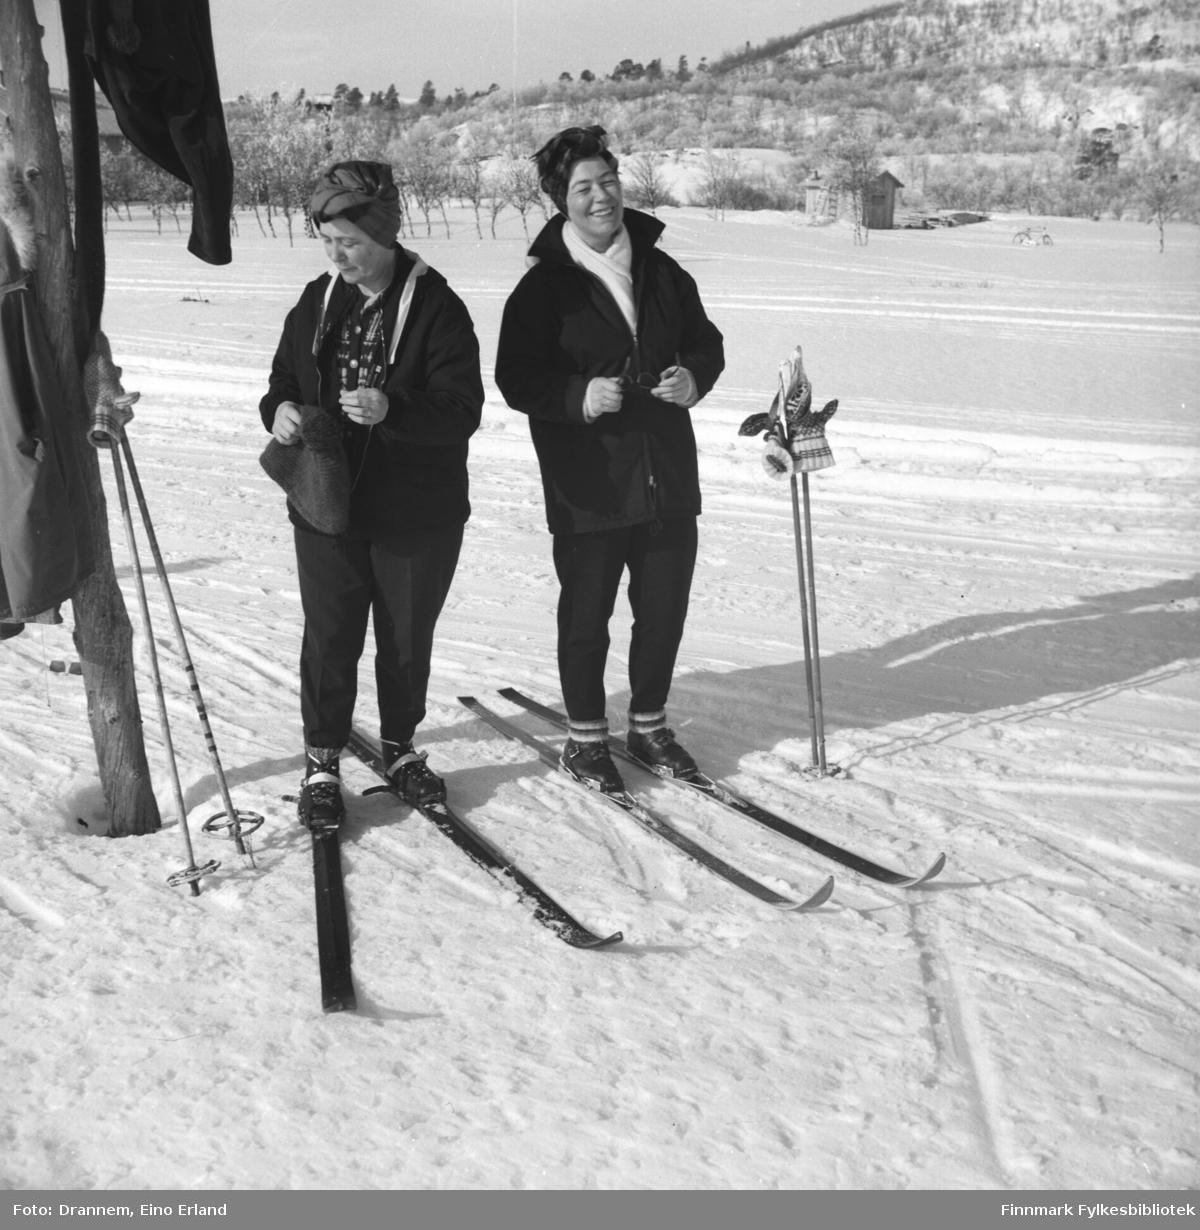 Sonja Lappalainen og Turid Drannem på skitur.